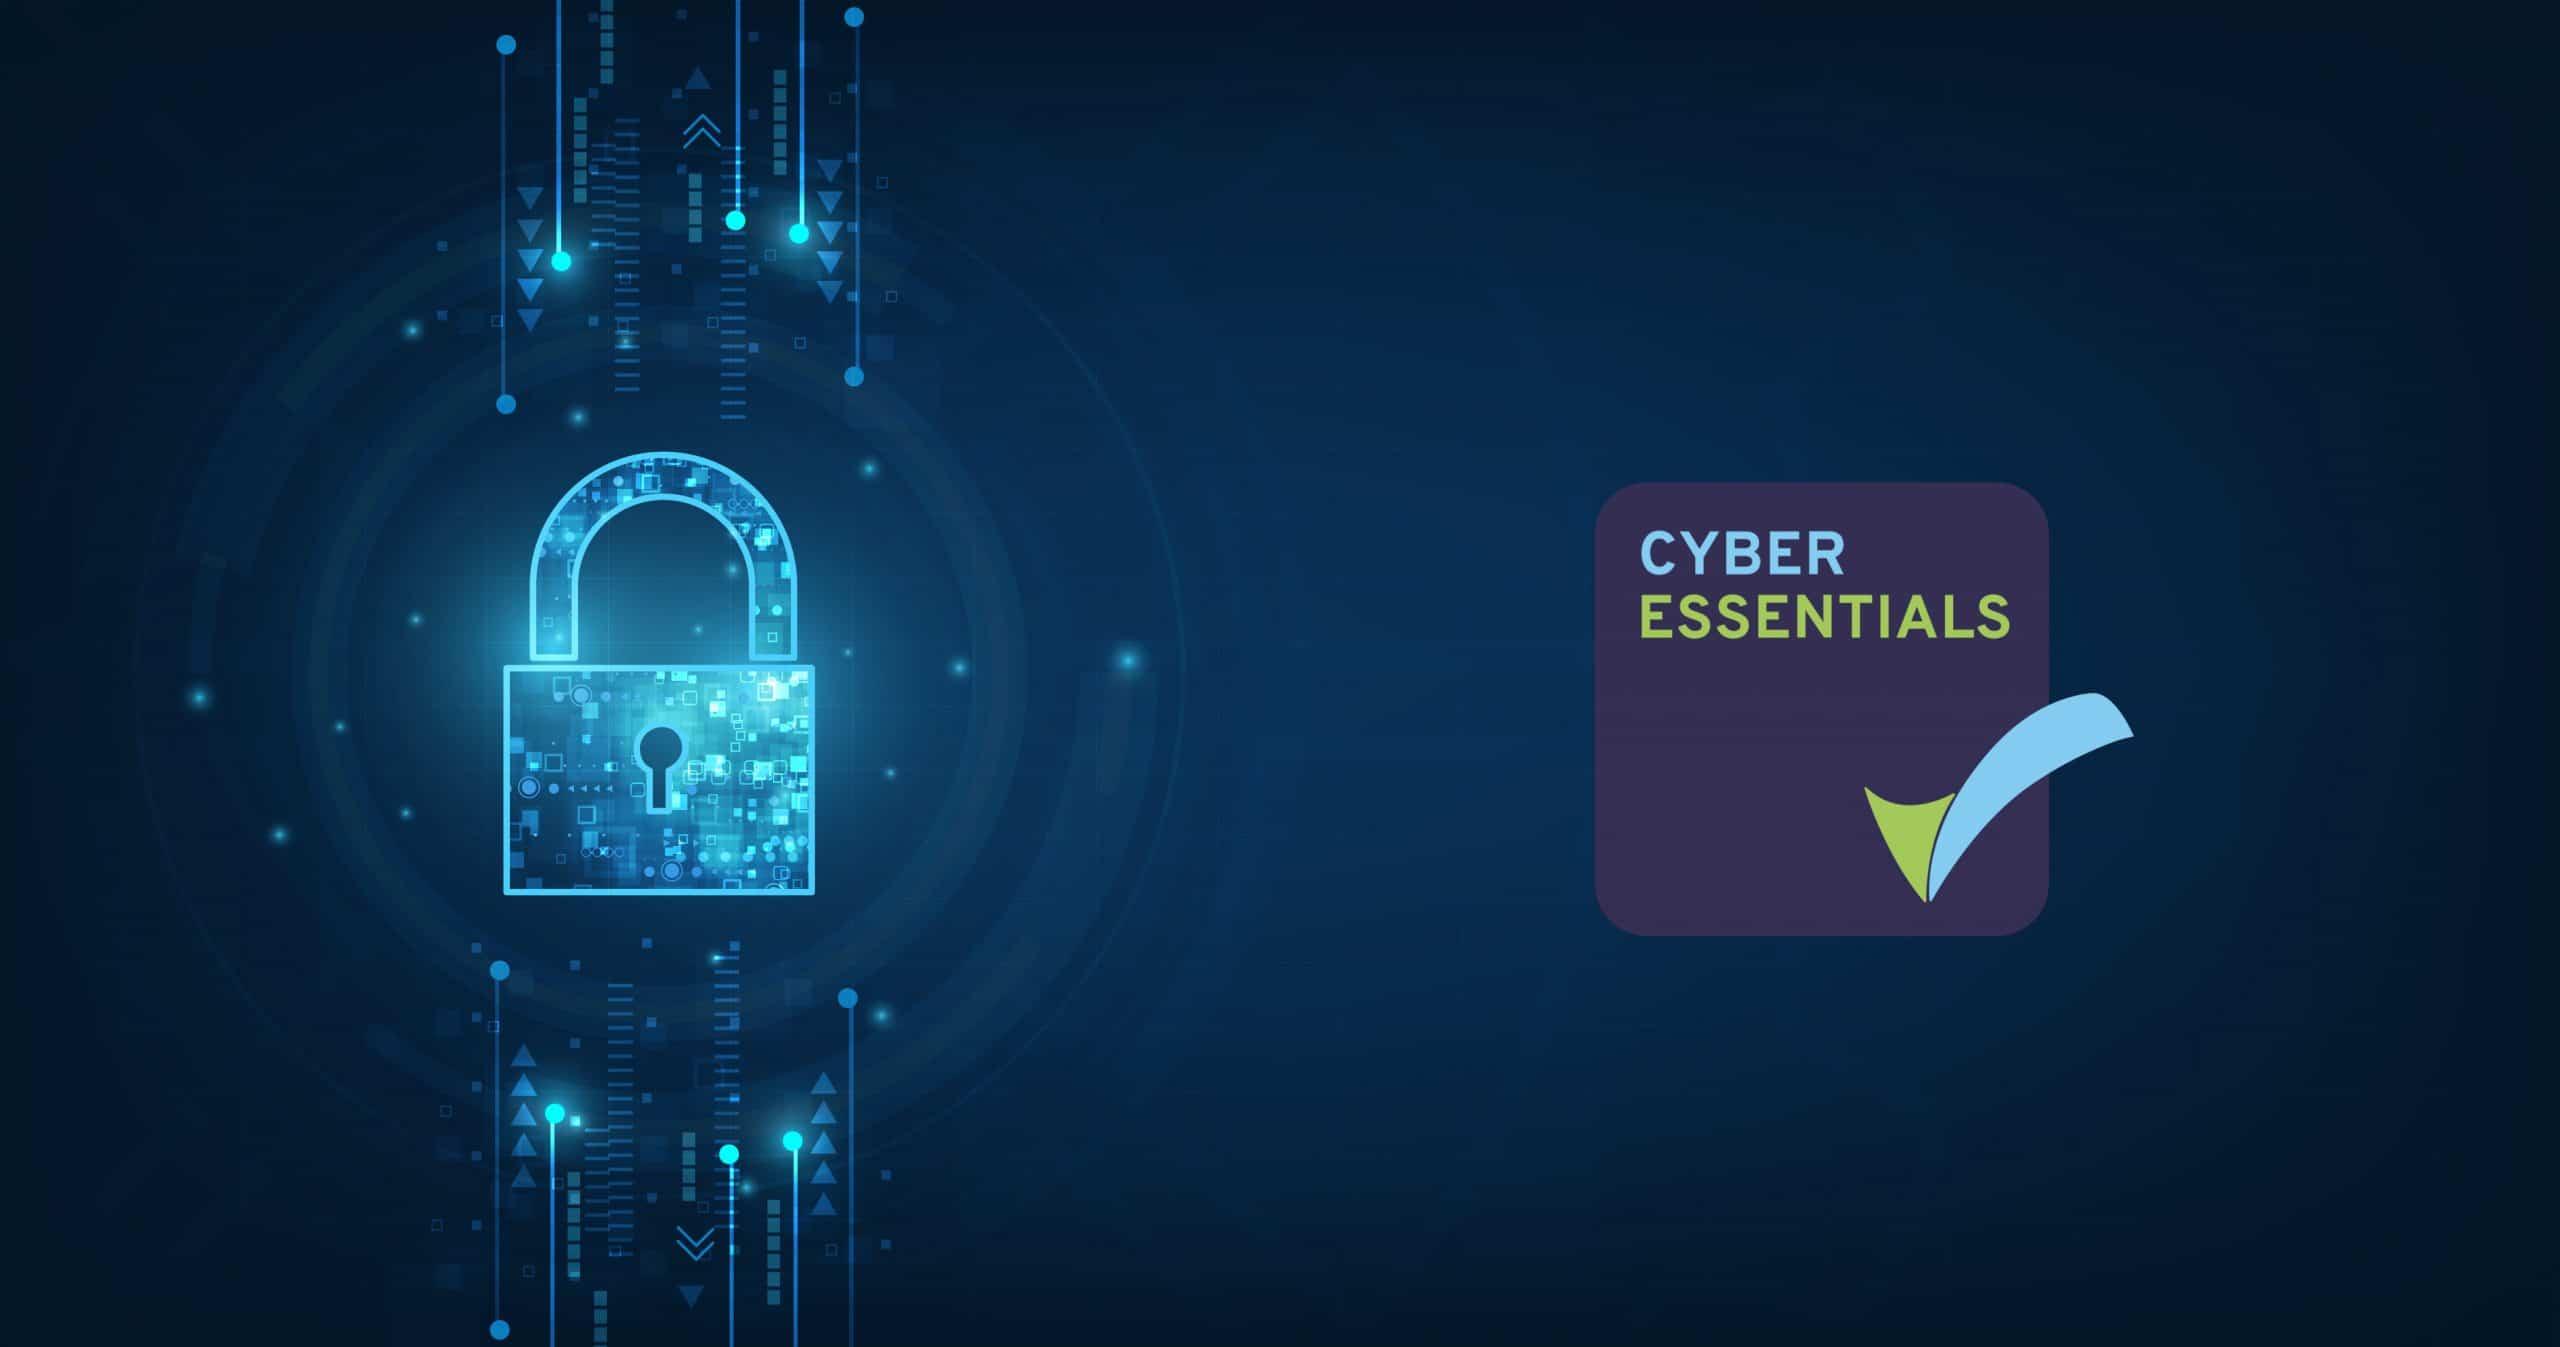 benefits of the cyber essentials scheme